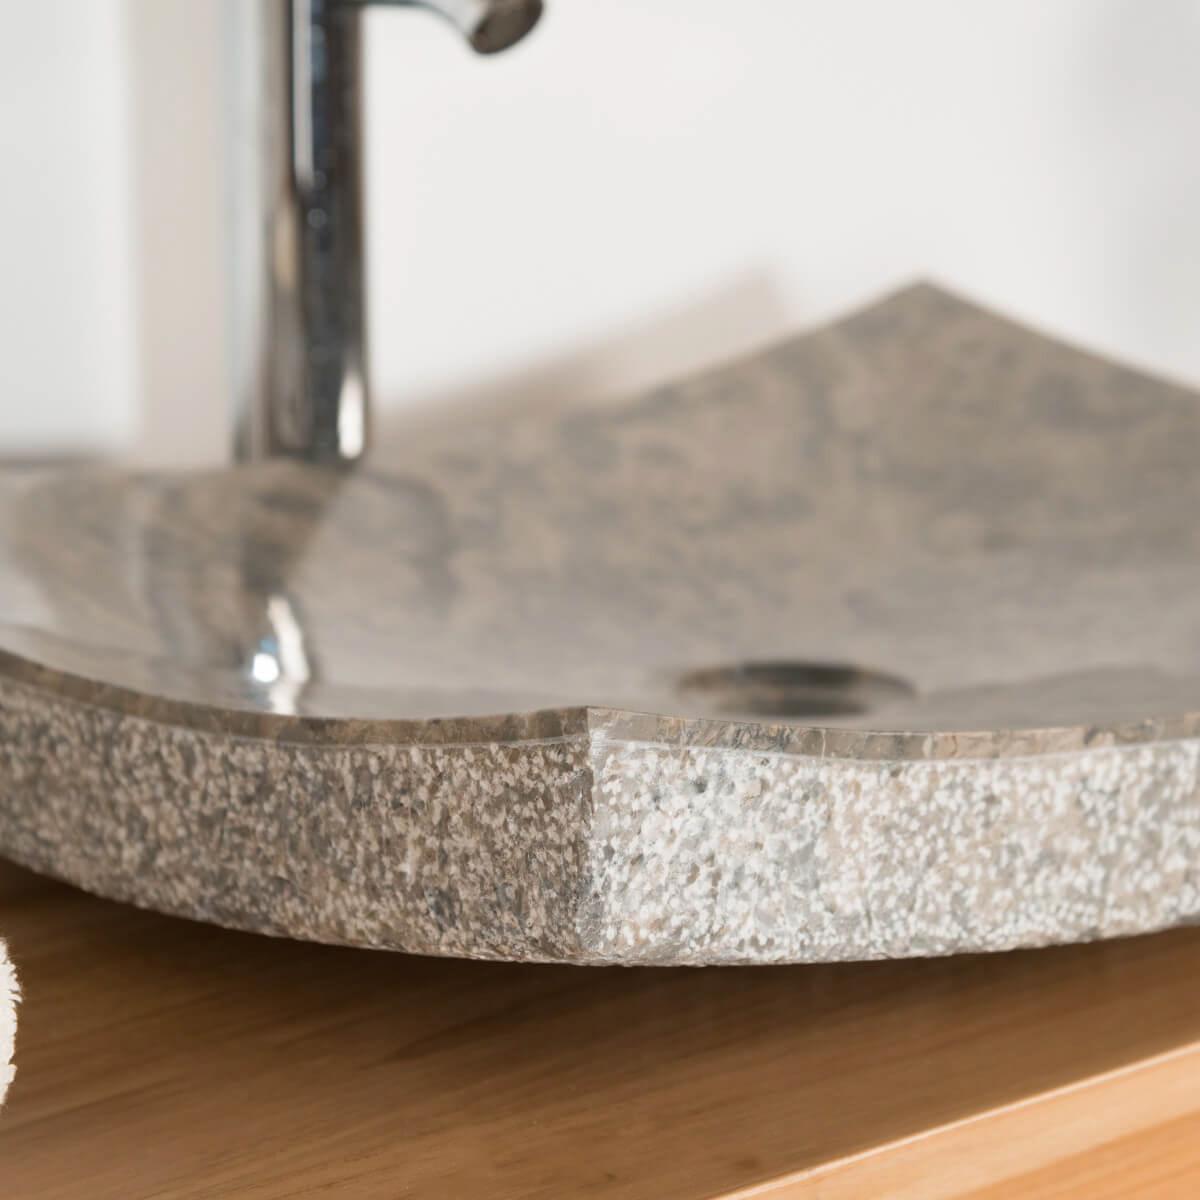 Vasque salle de bain en pierre marbre genes gris taupe 50cm for Vasque salle de bain en pierre